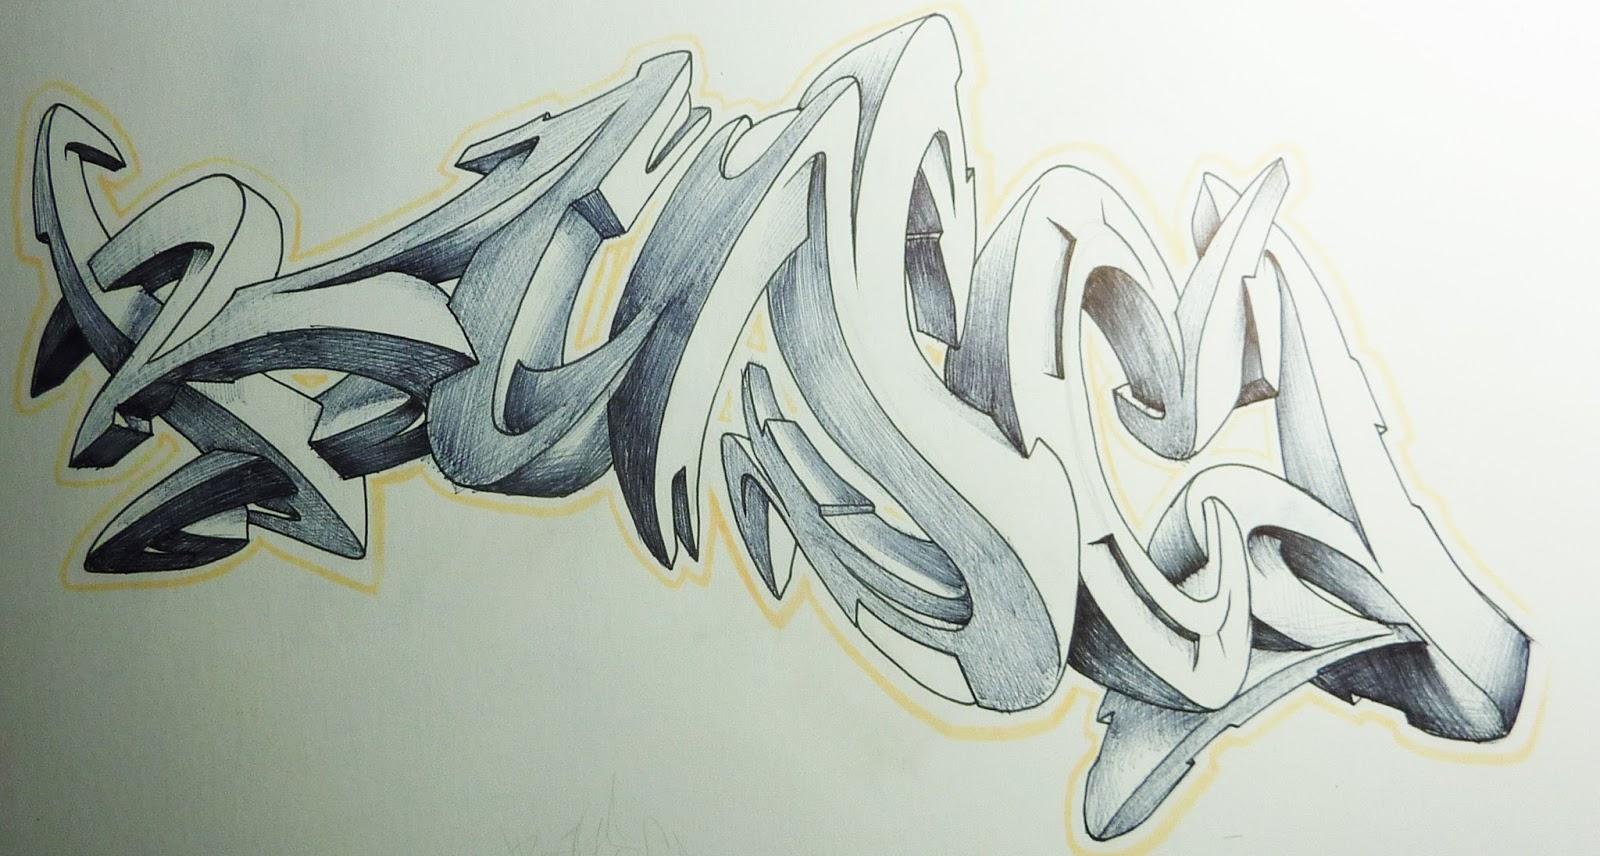 Rosas Wallpapers 3d Graffitis En 3d Bocetos En Papel Imagui